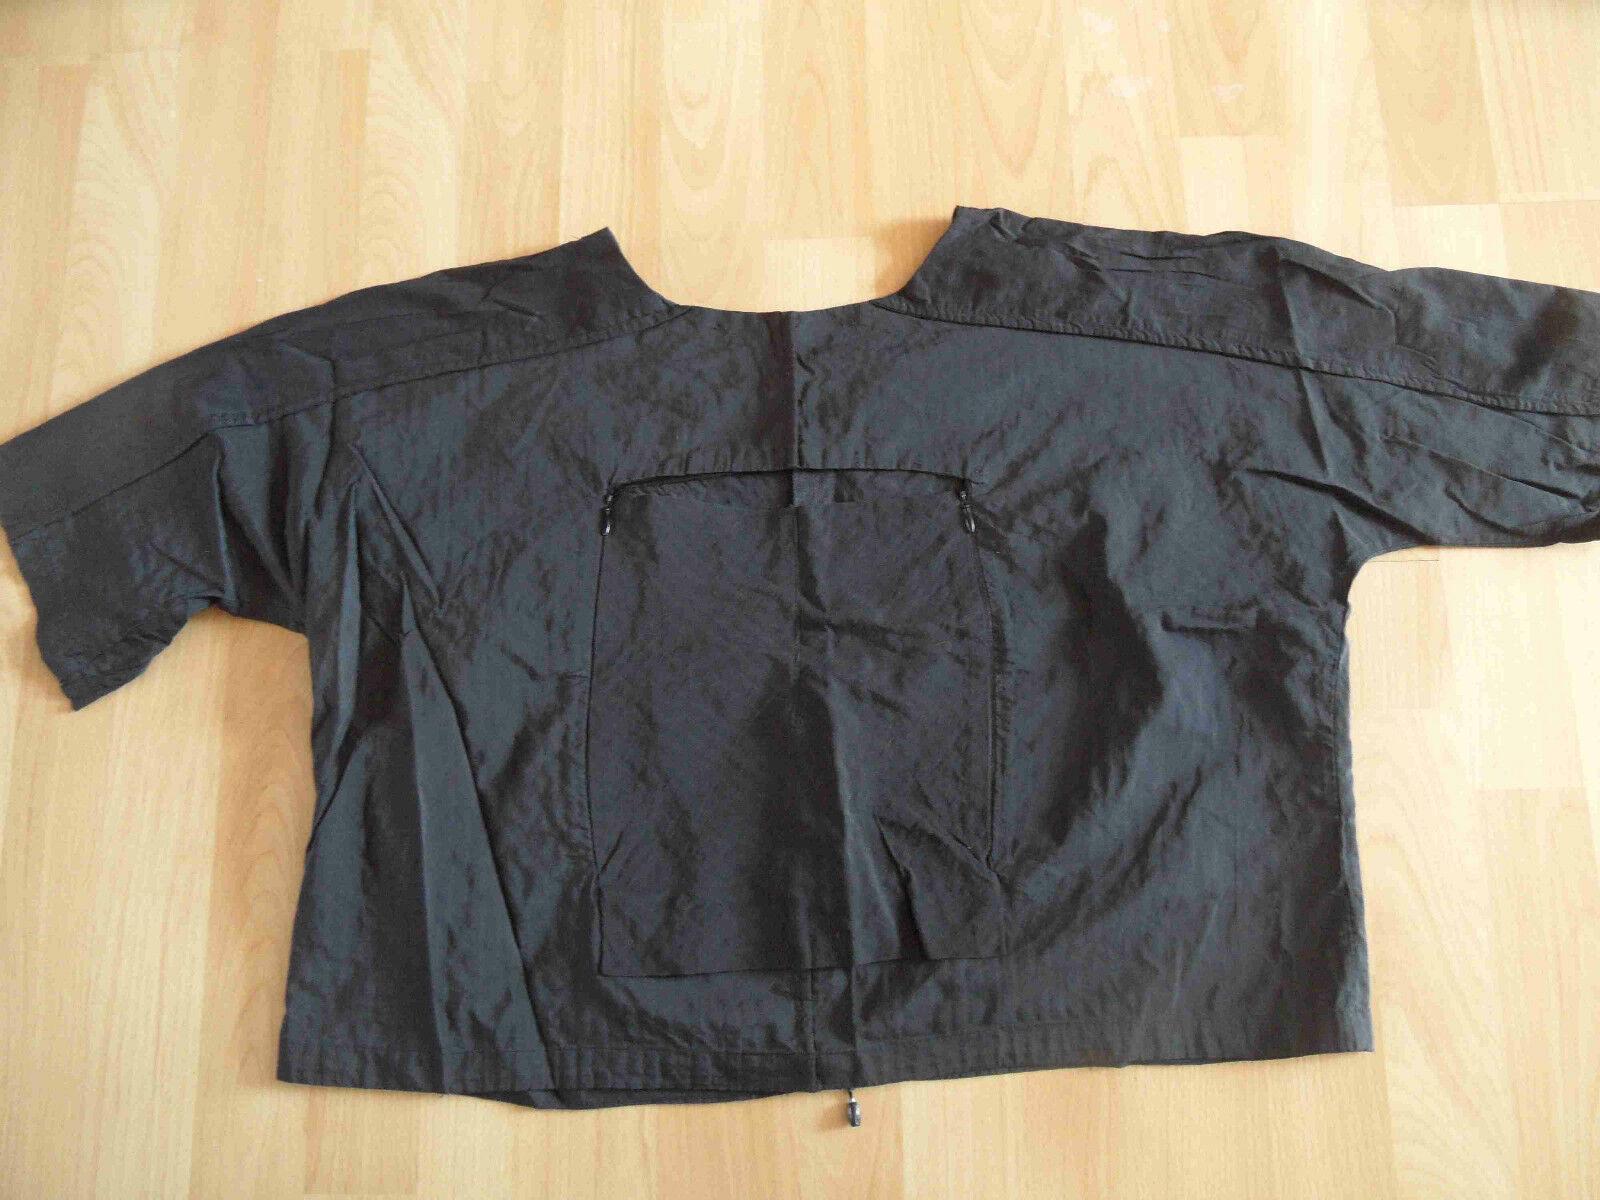 ABSOLUT by ZEBRA schönes Blausen-Shirt Lagenlook schwarz EG TOP (HMI 614)